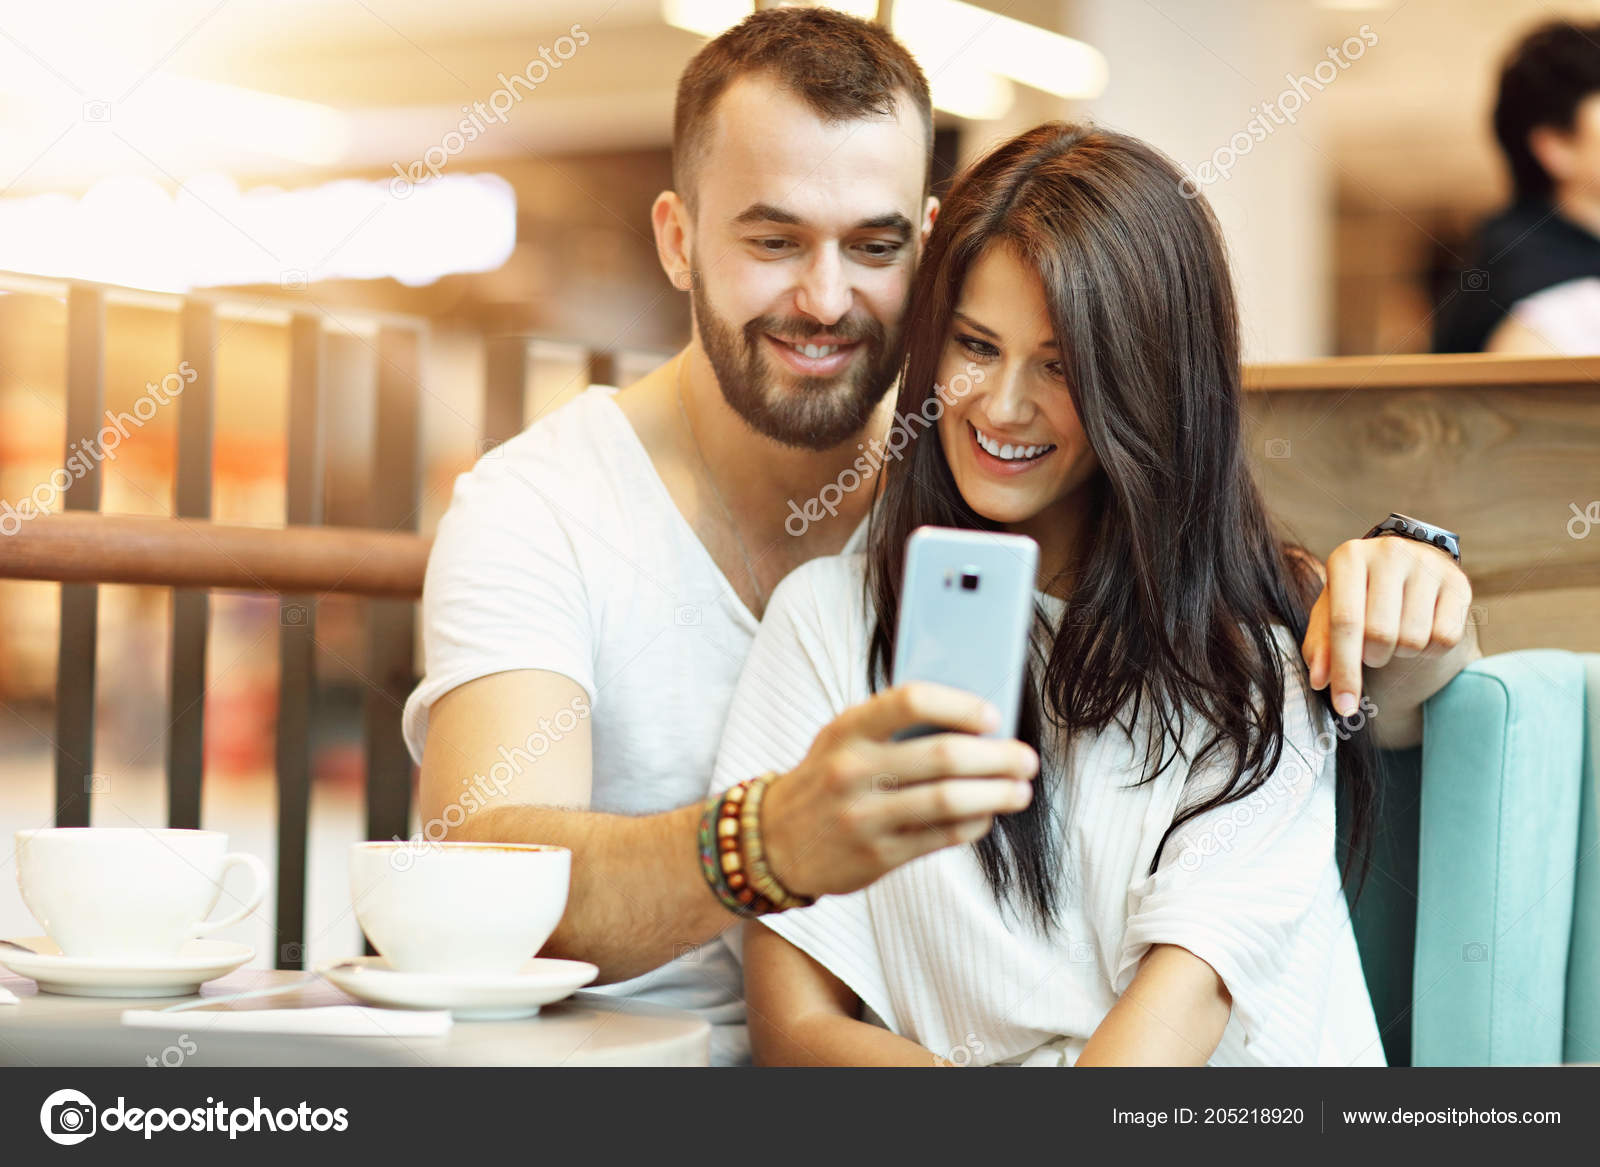 Δωρεάν ιστοσελίδες γνωριμιών στο Νότιγχαμ